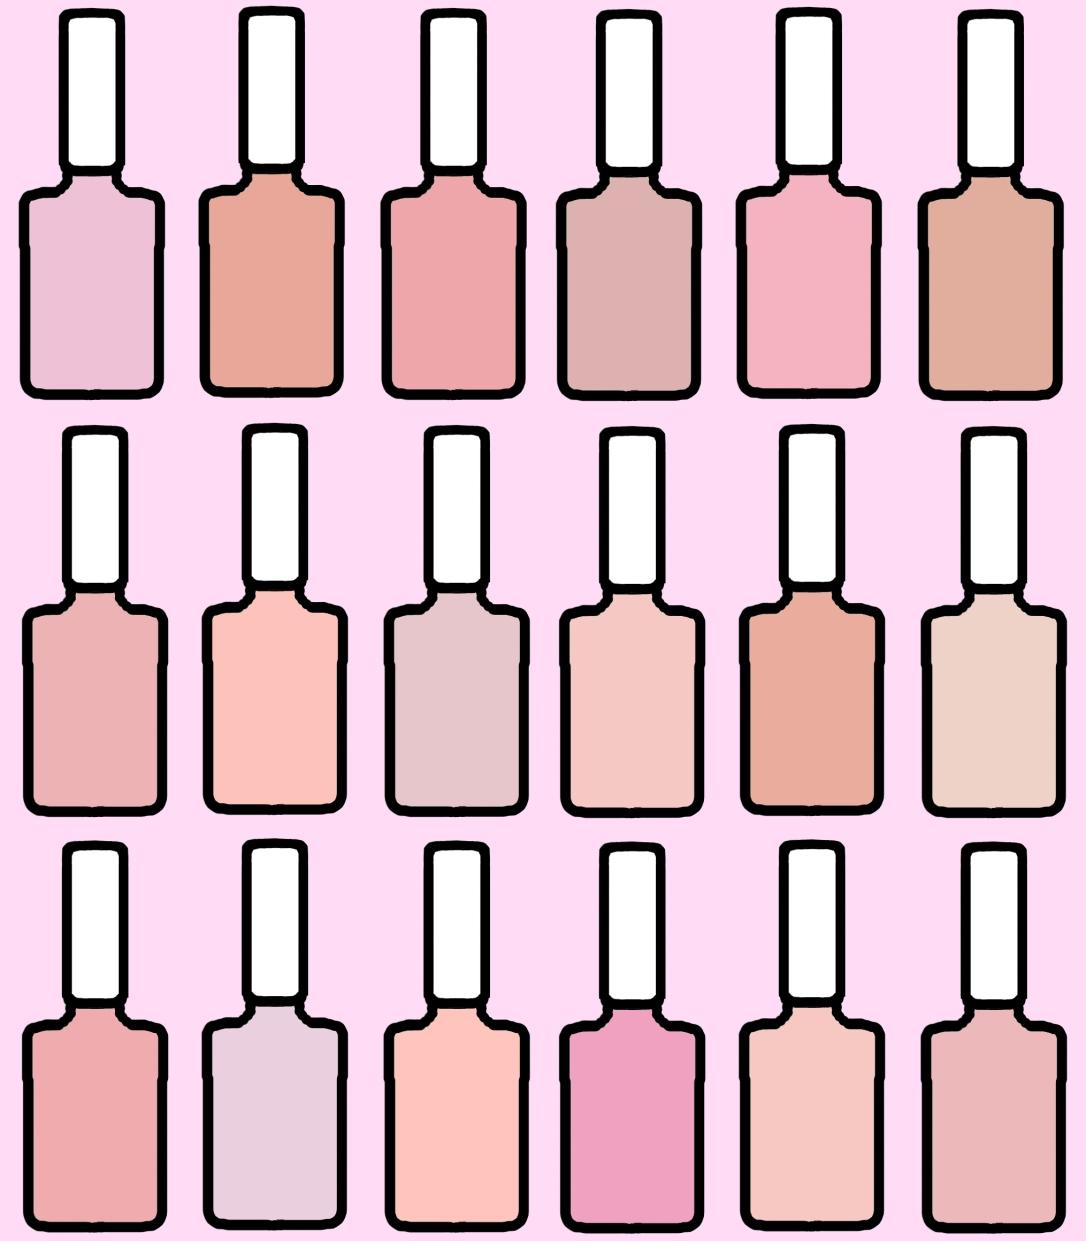 pink-yayeveryday-nail-polish